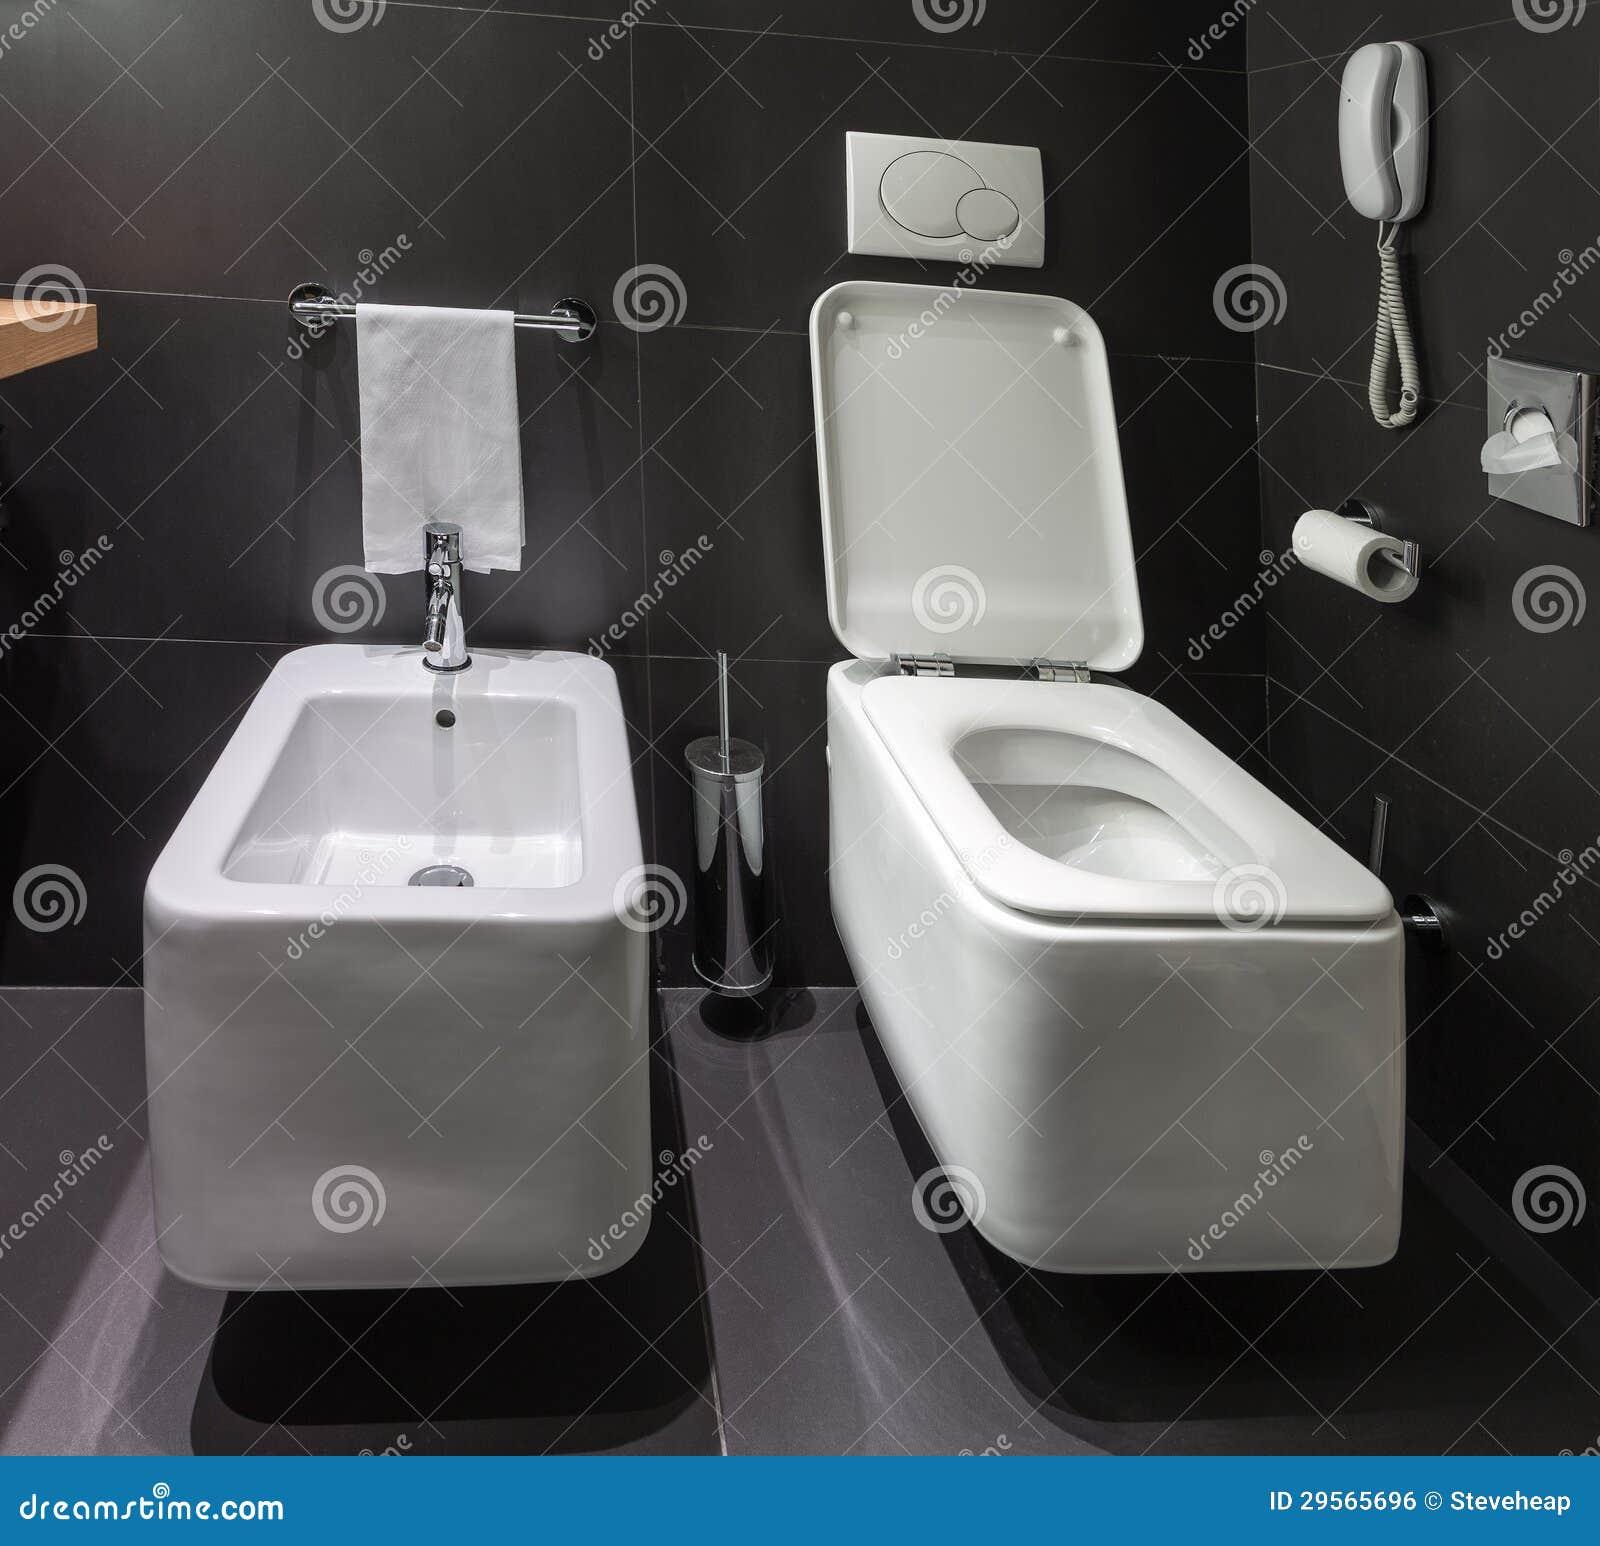 Toilette e bidet moderni in bagno fotografia stock immagine di interno disegno 29565696 - Toilette da bagno ...